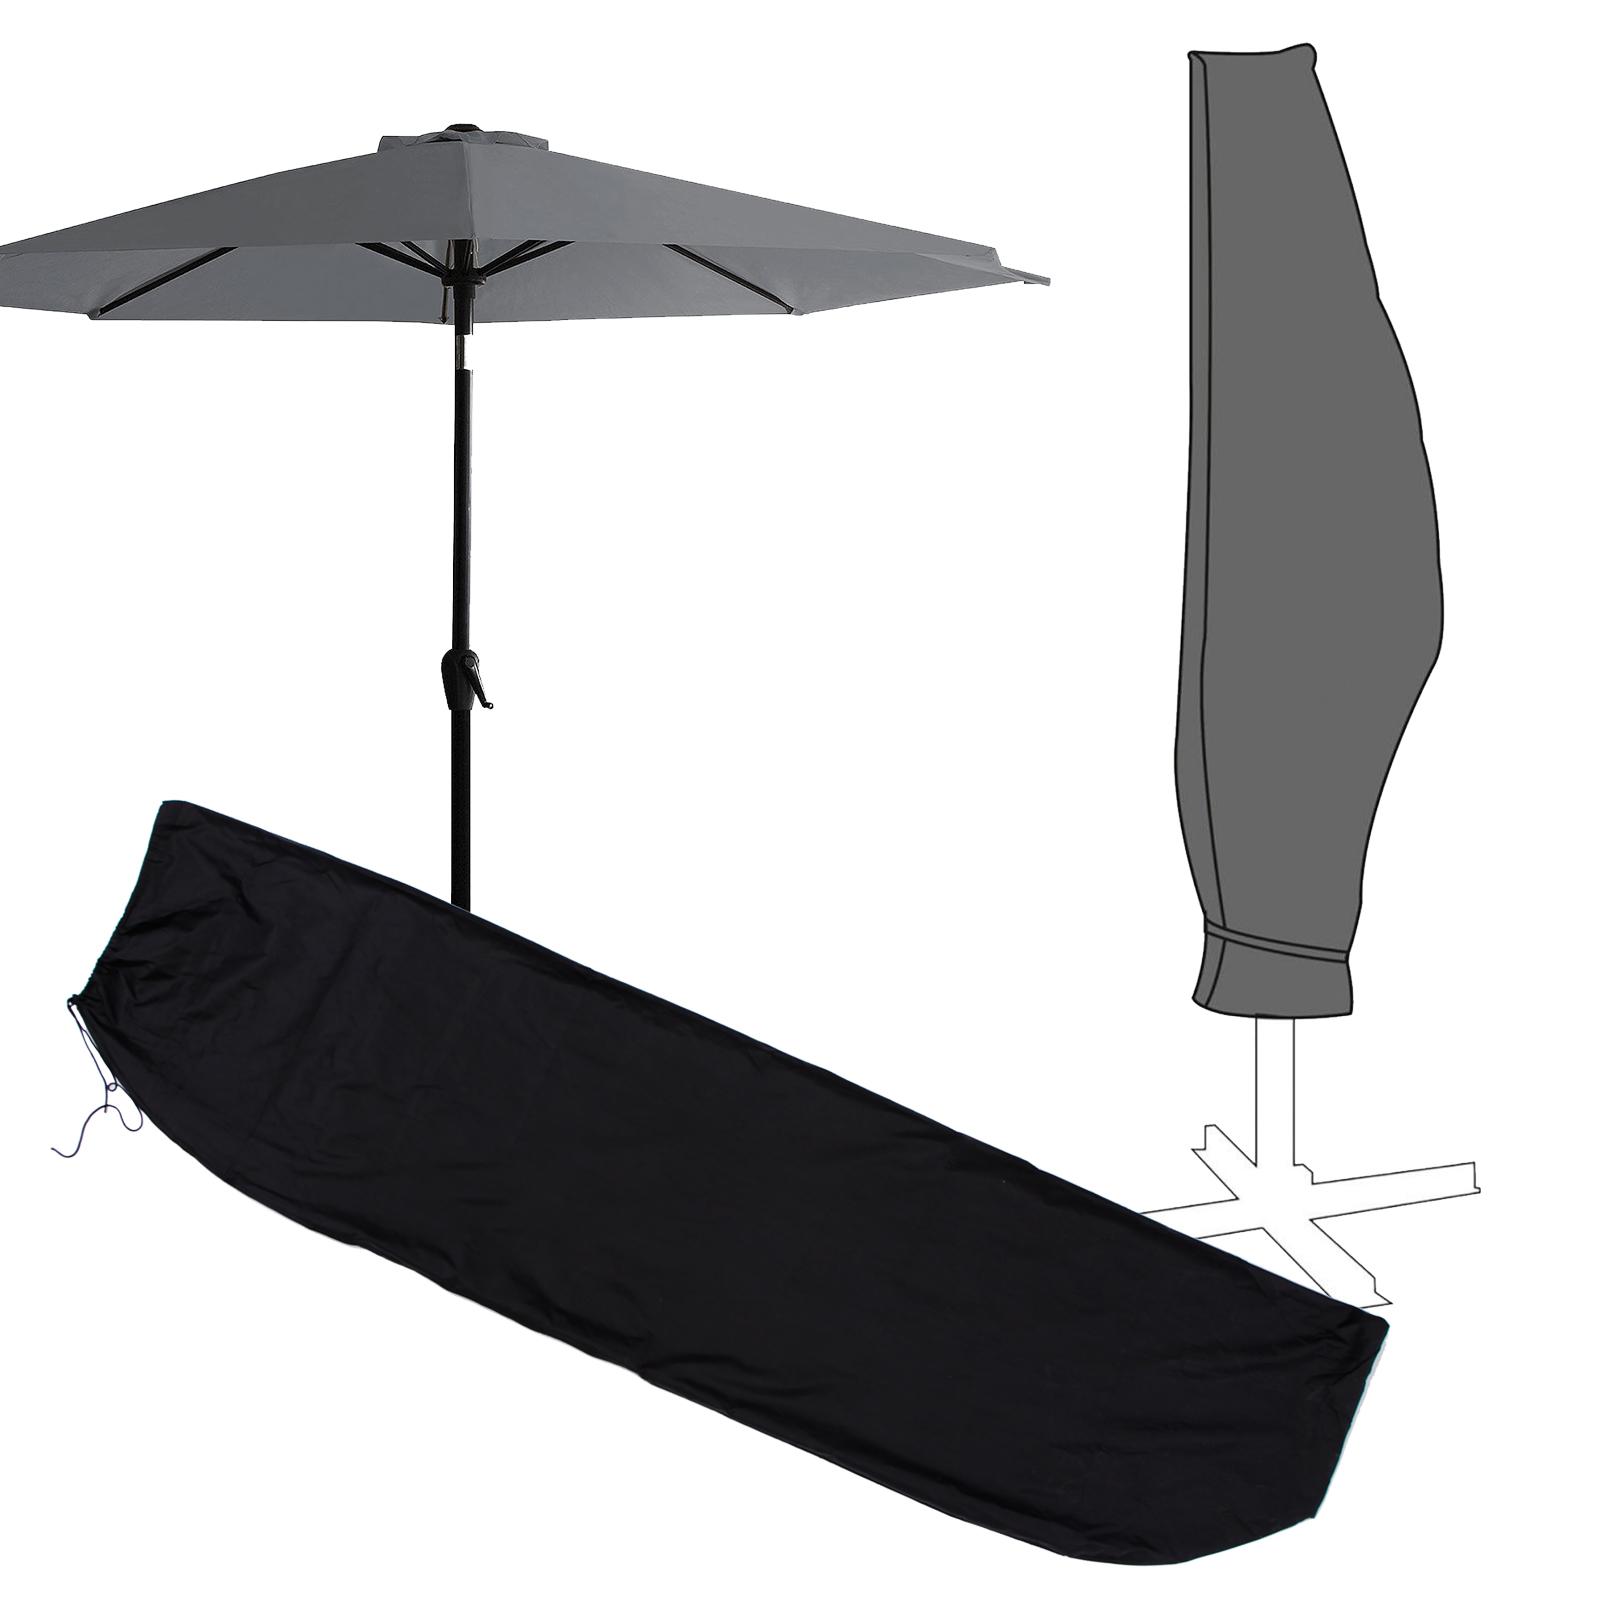 Schutzhülle Sonnenschirm Oxford Polyester 420D Schutzplane Abdeckplane Abdeckung